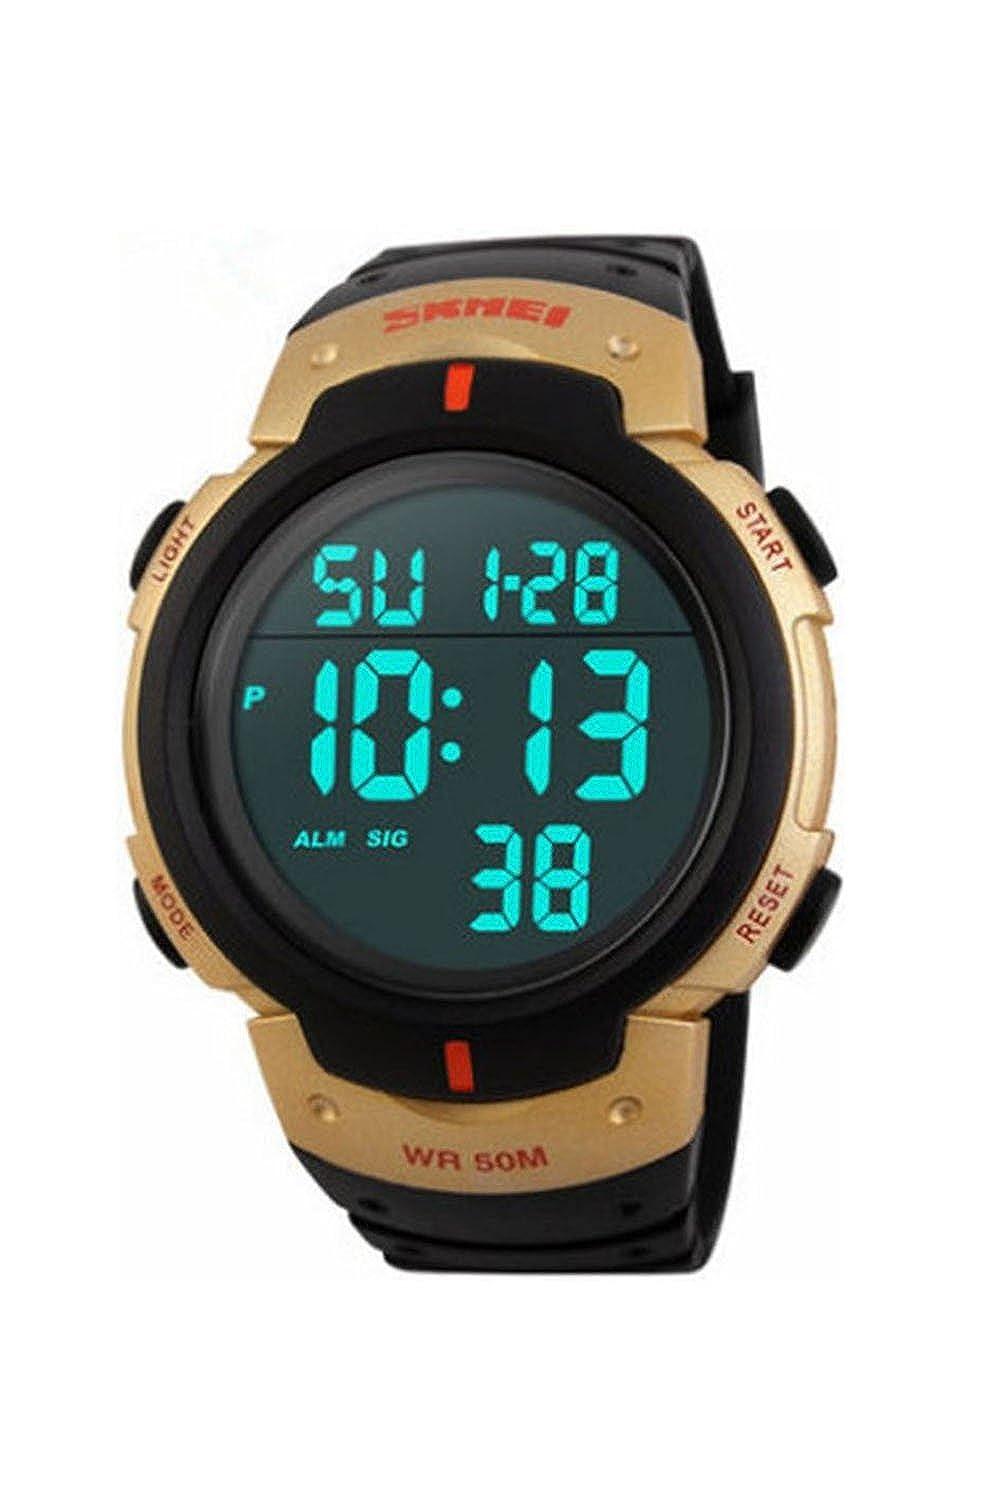 Reloj de pulsera - SKMEI Reloj de pulsera de LED luz digital impermeable de alarma y fecha regalo de deporte para hombre y mujer oro: Amazon.es: Relojes